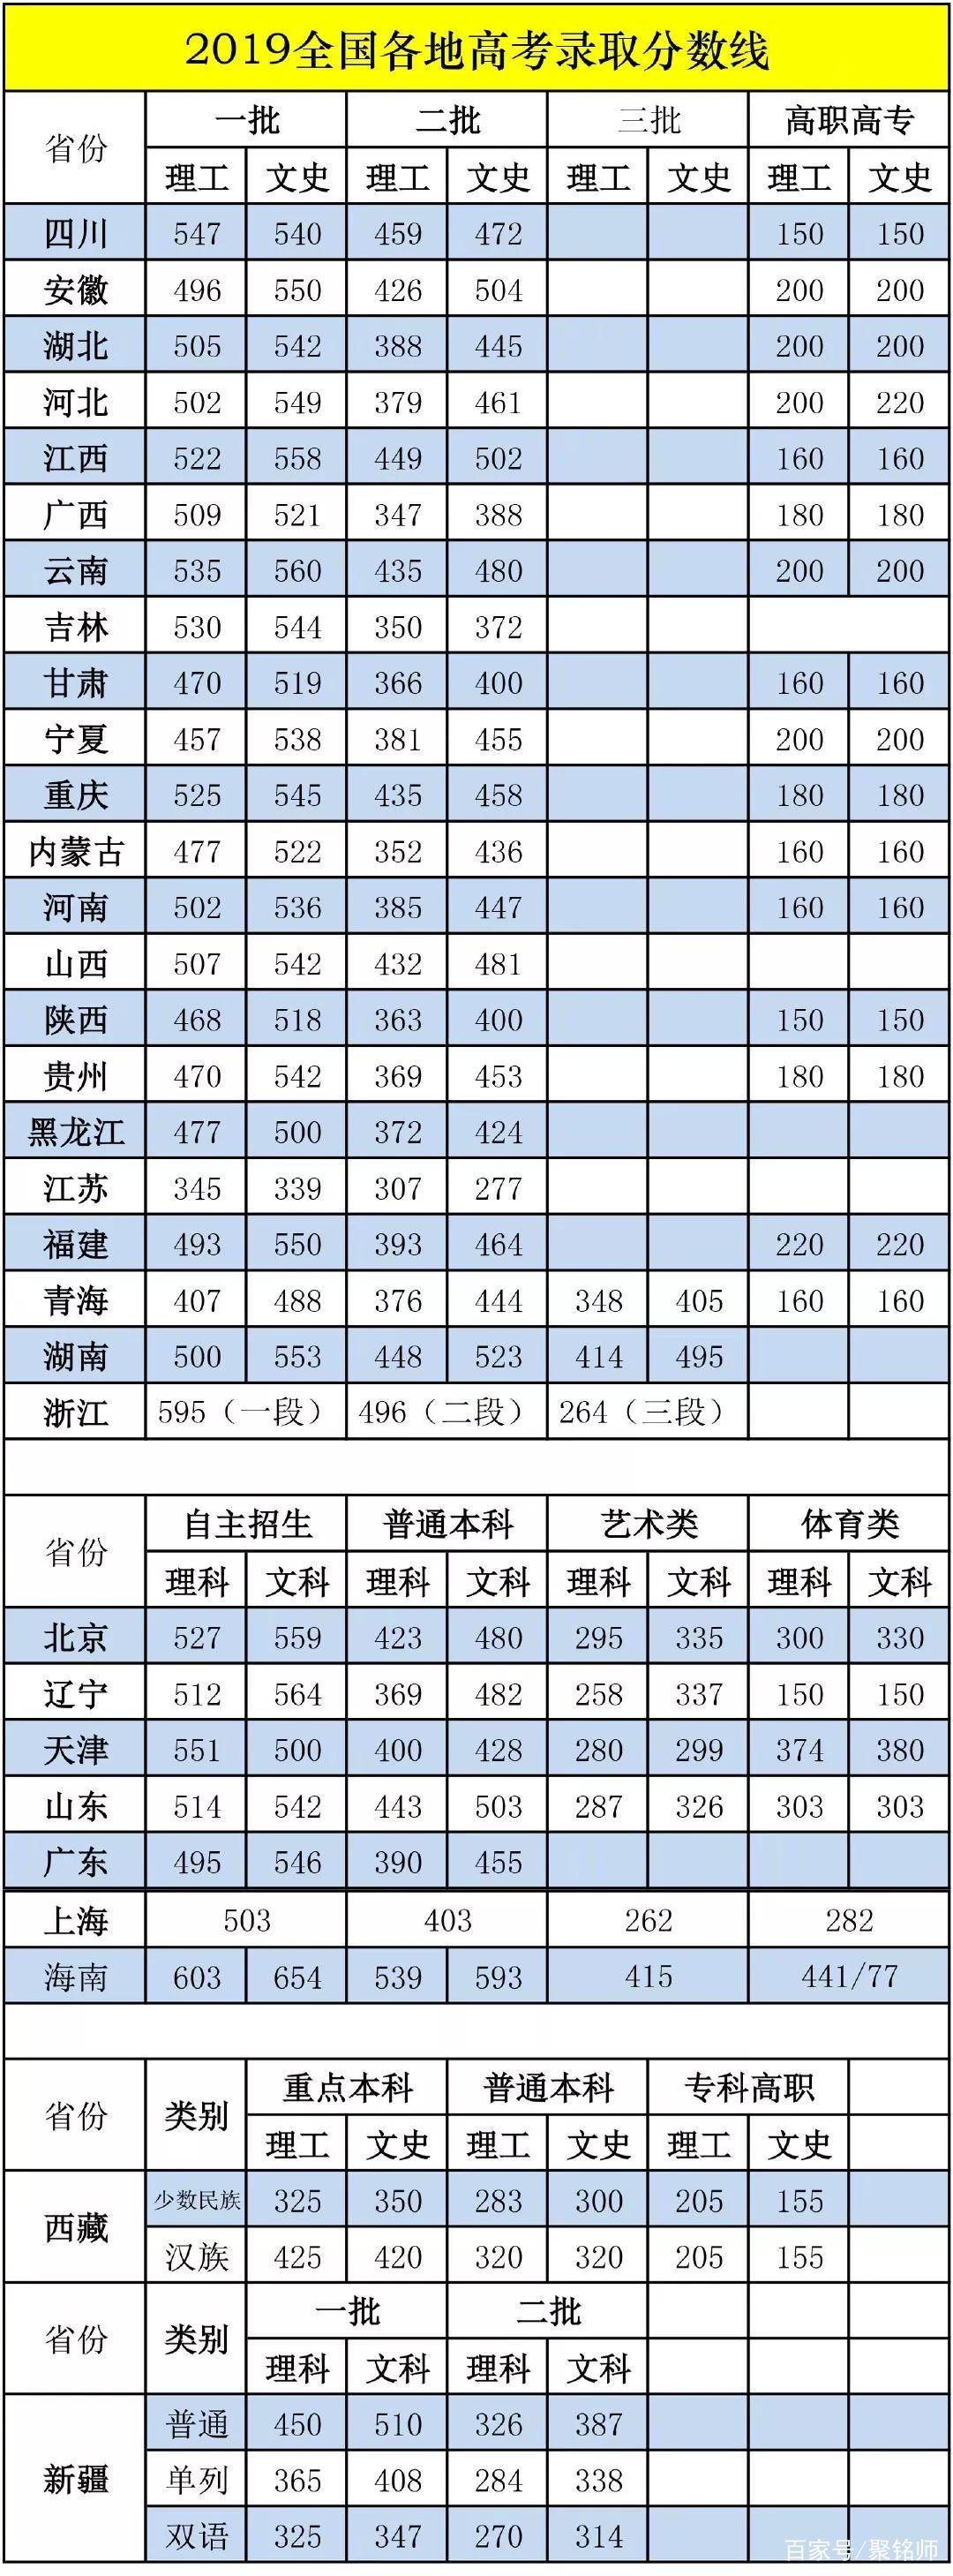 2019年全国31省市高考分数线出炉 高考分数查询通道开通